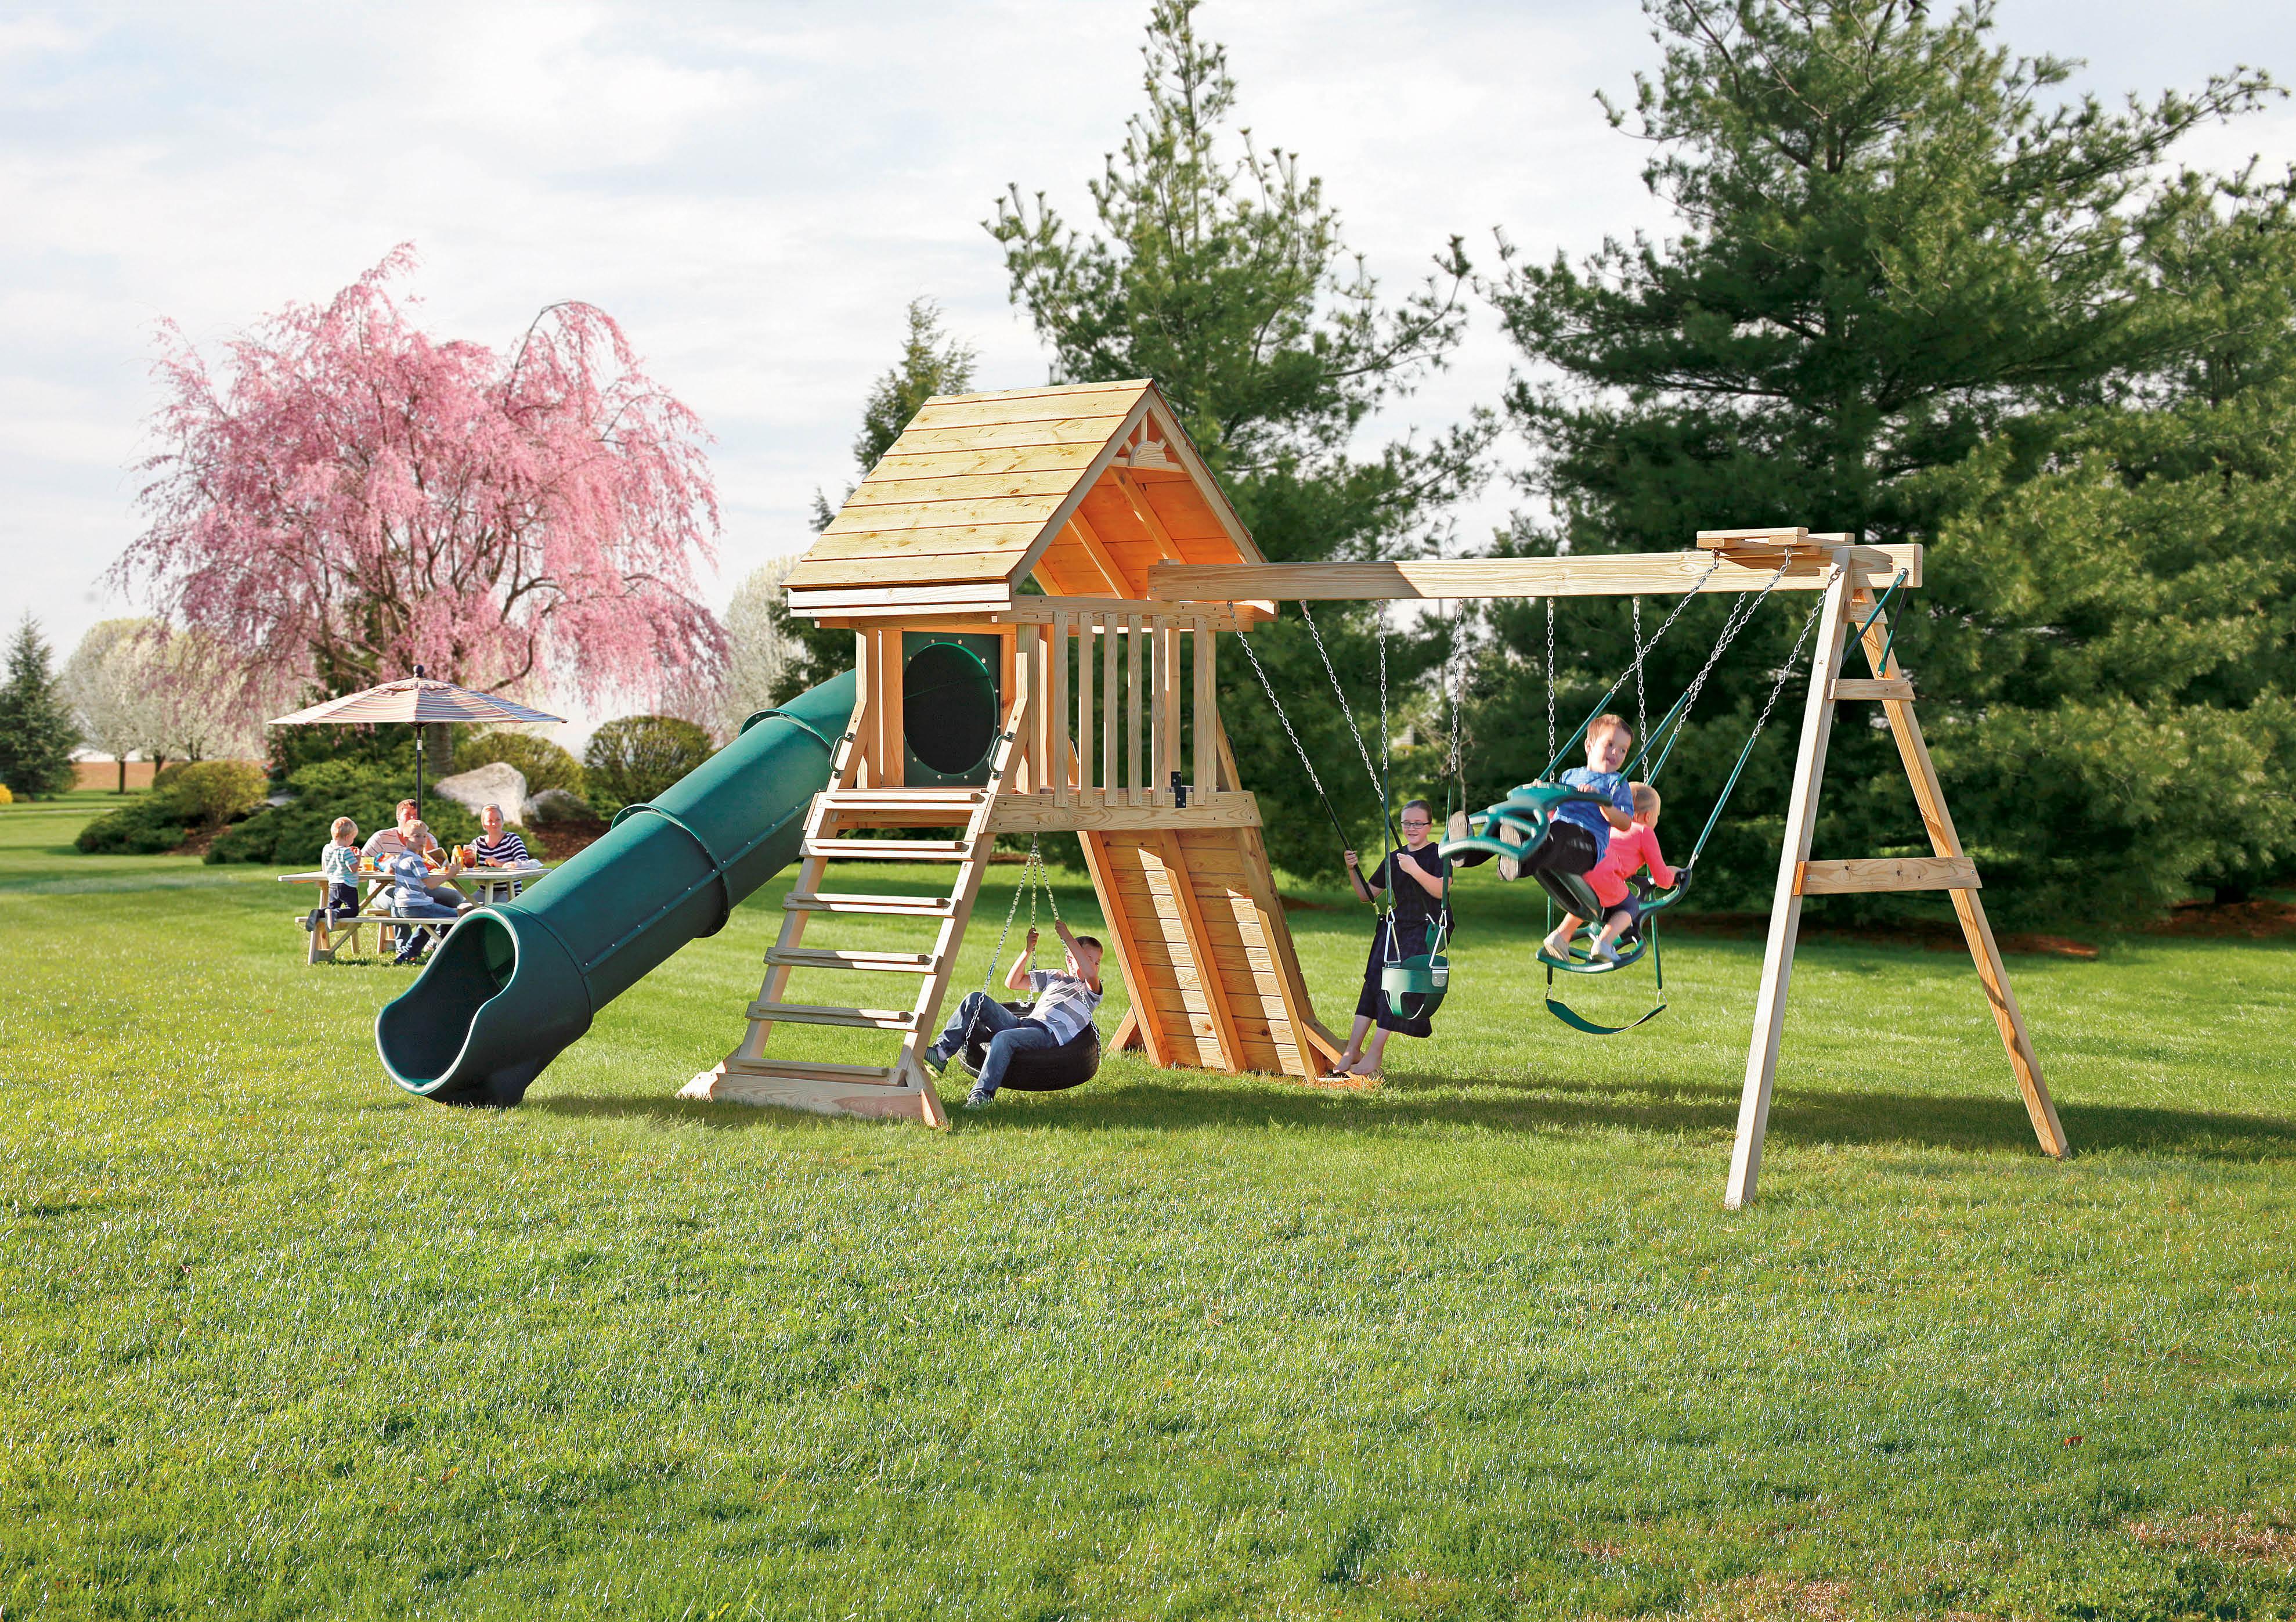 slides,playground,playground equipment,chairs,gazebo,hammock,Nancy J's,sliding board,monkey bars,